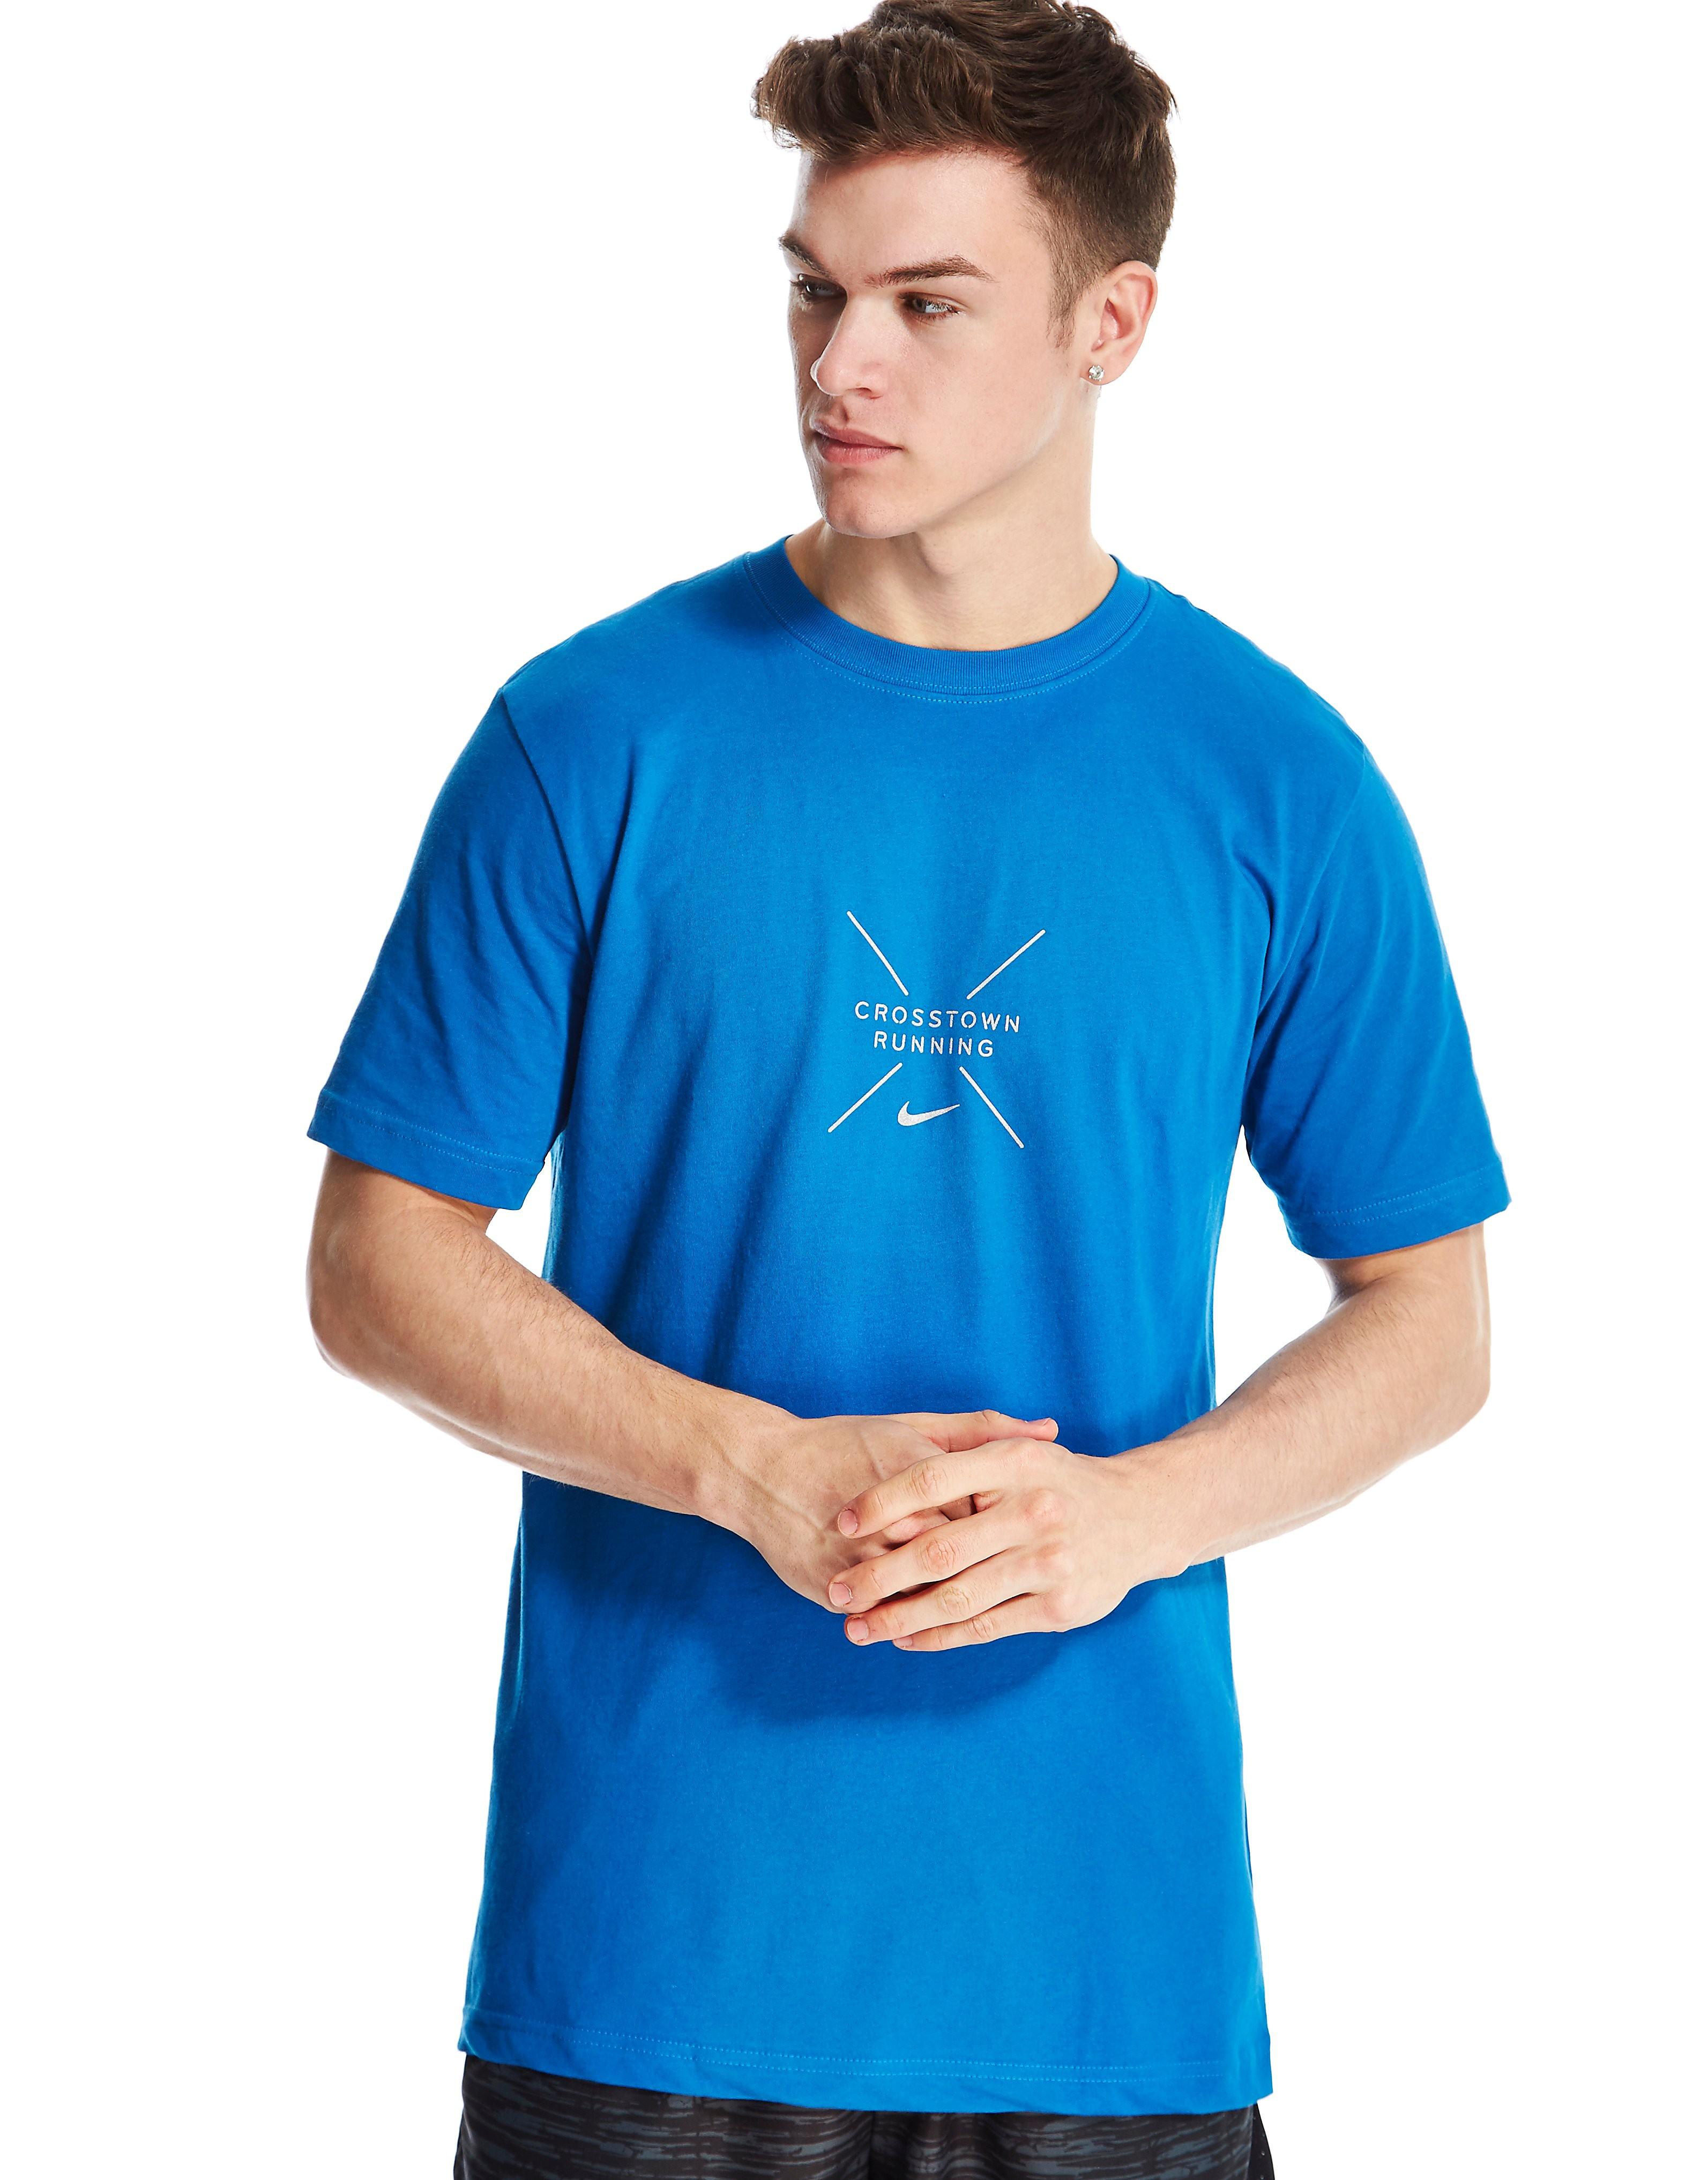 Nike Crosstown Running T-Shirt